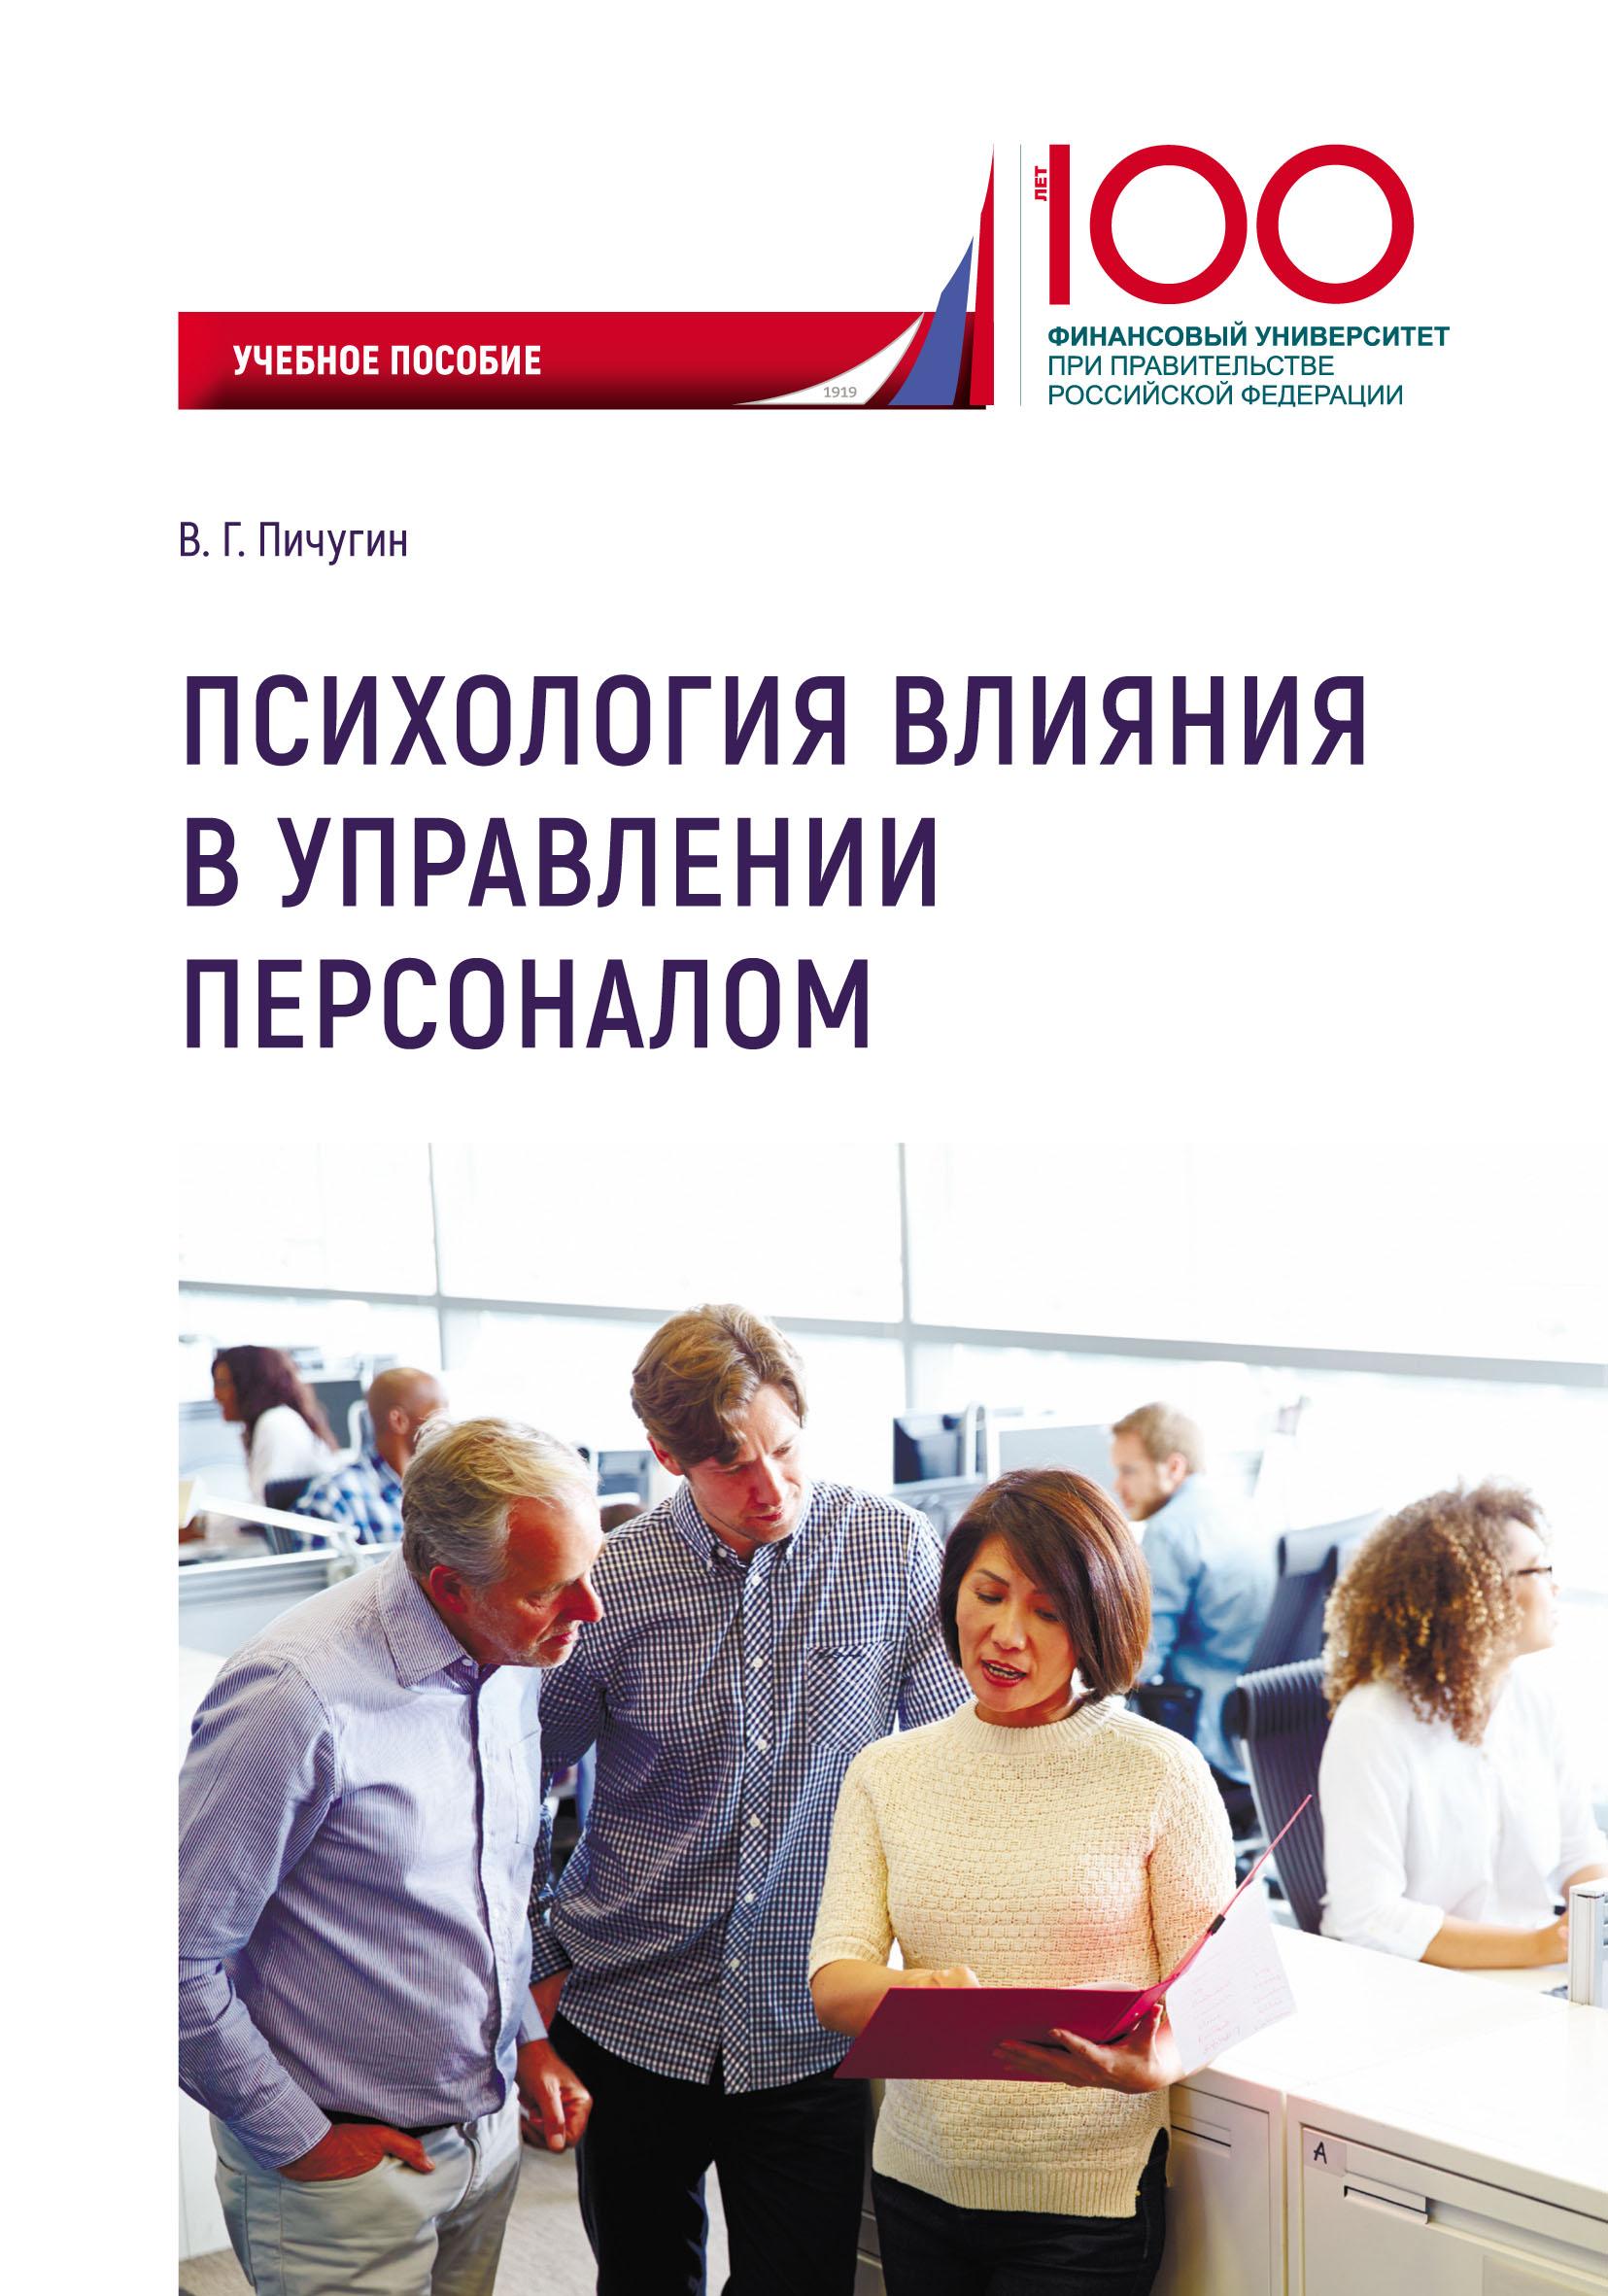 Виталий Пичугин Психология влияния в управлении персоналом виталий пичугин сколько стоит жениться в деньгах благах правах